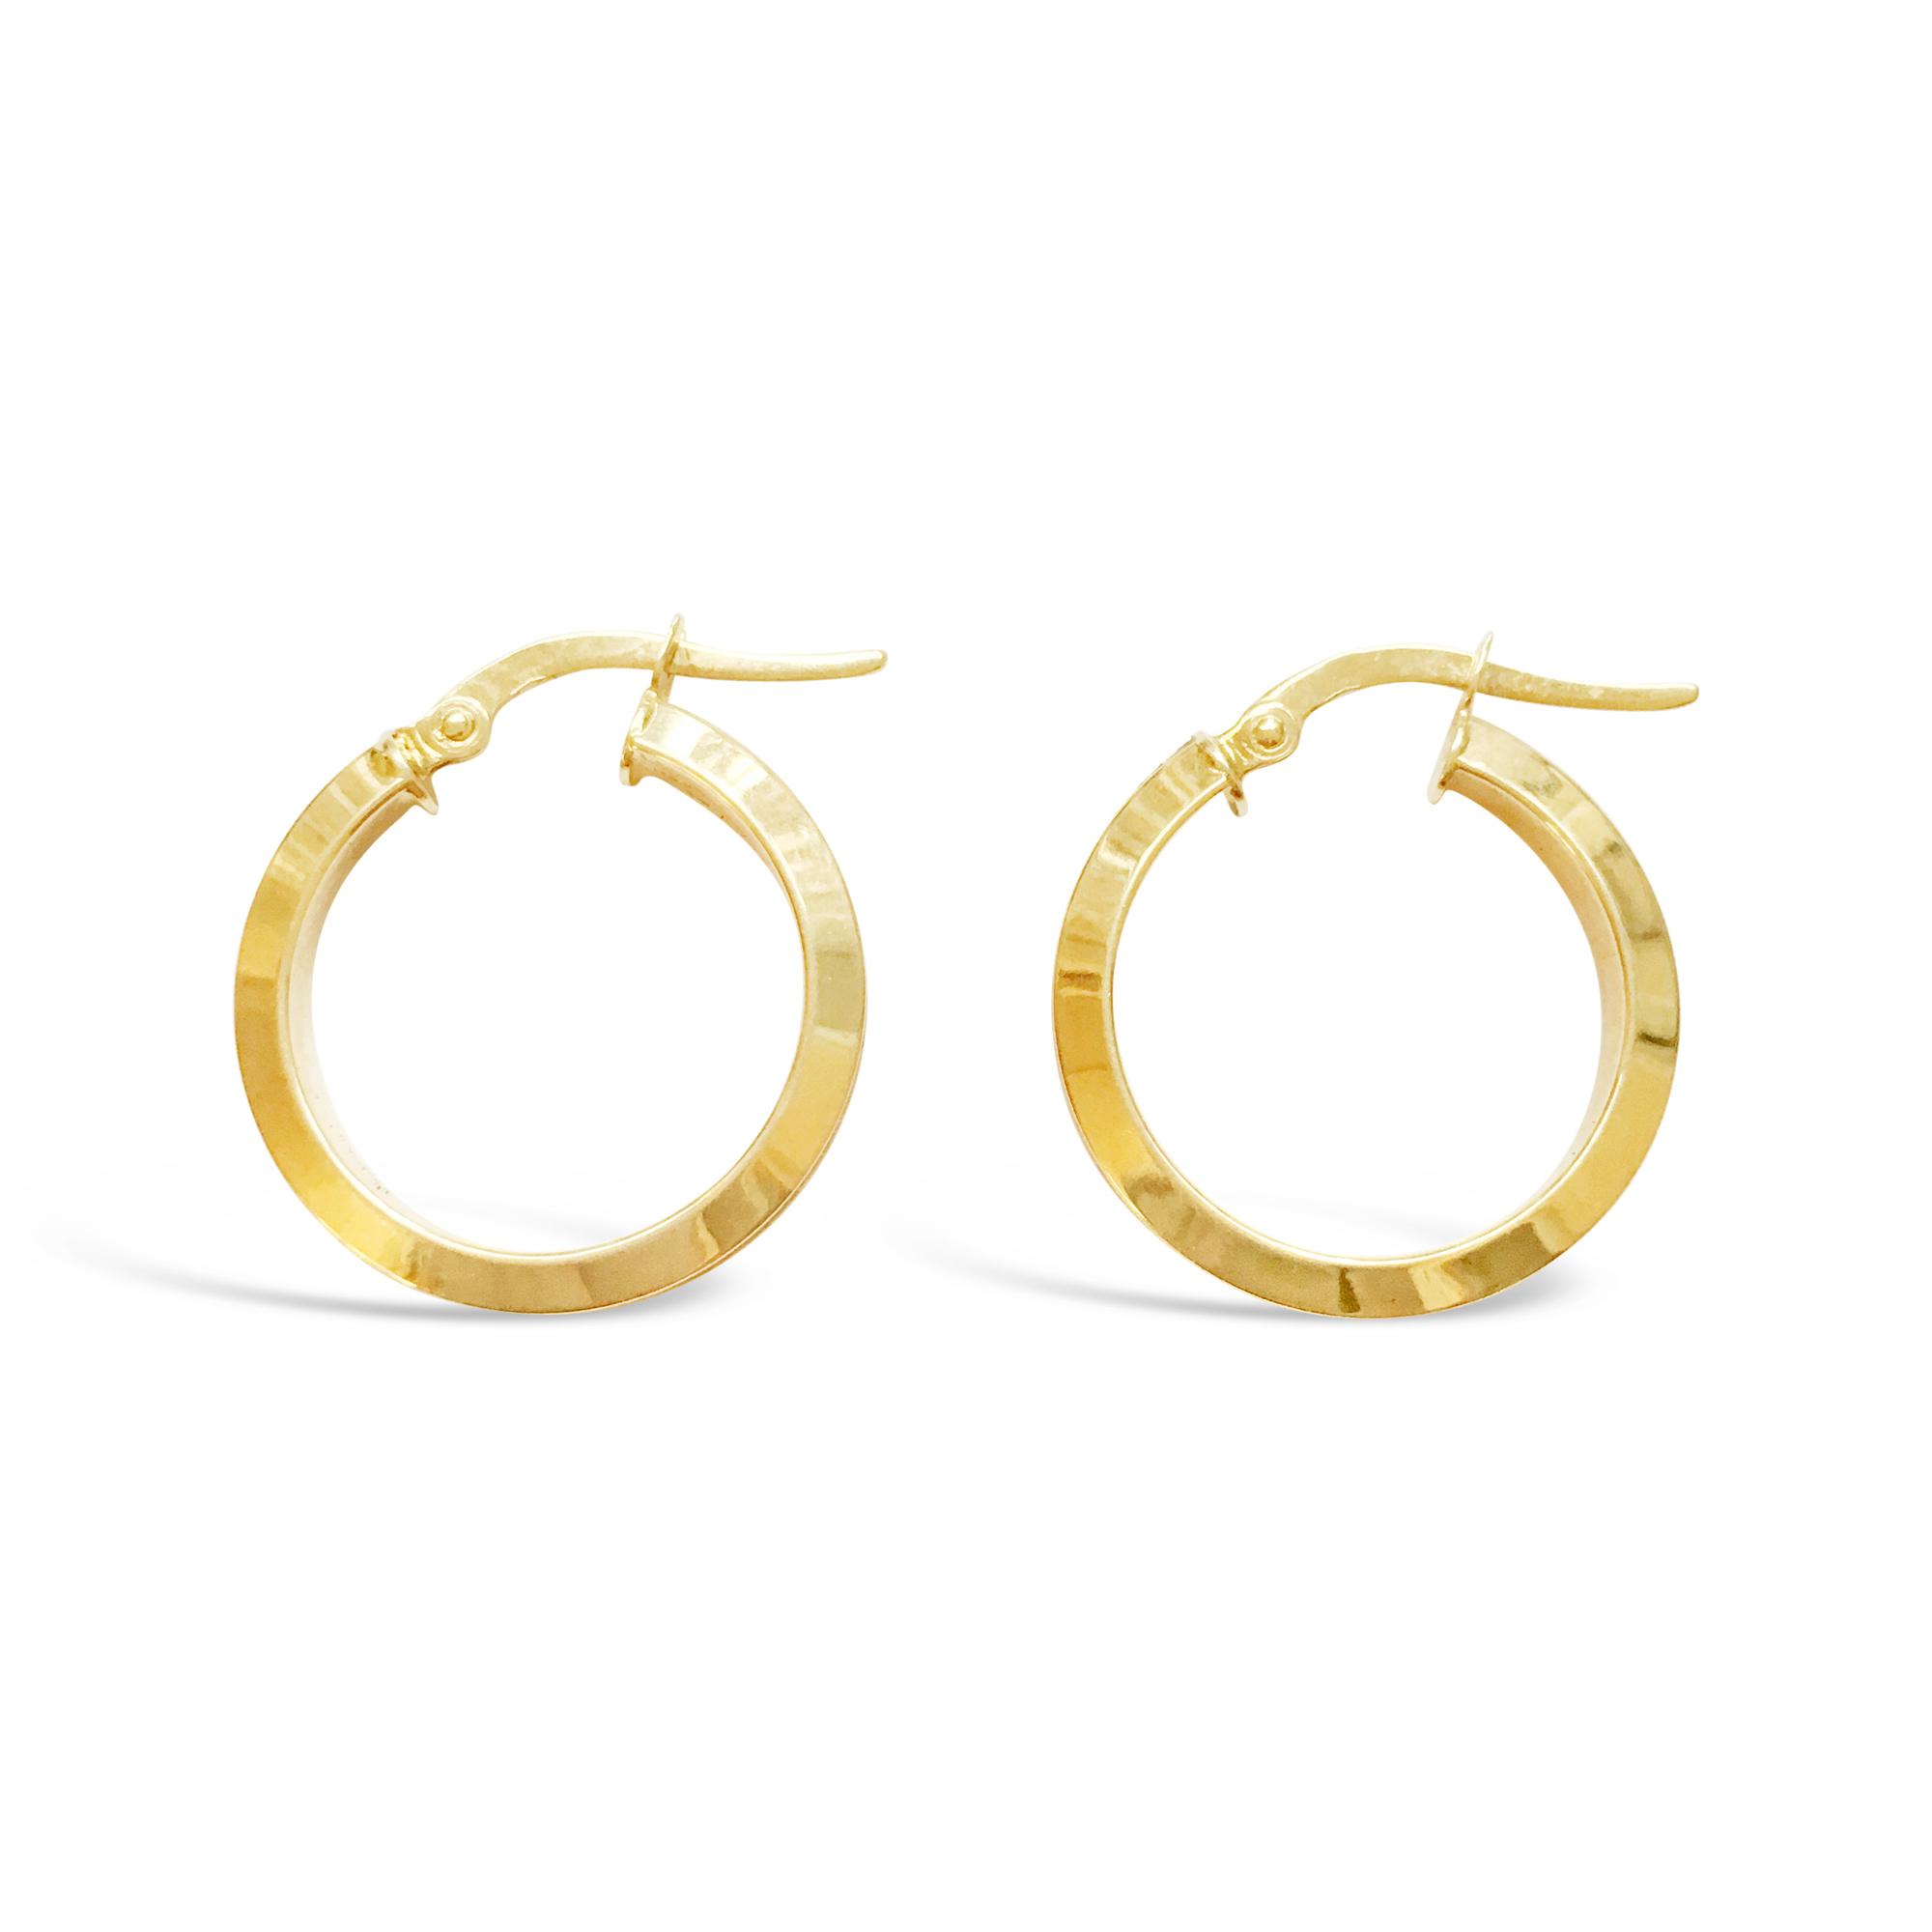 Vintage Square Hoop Earrings